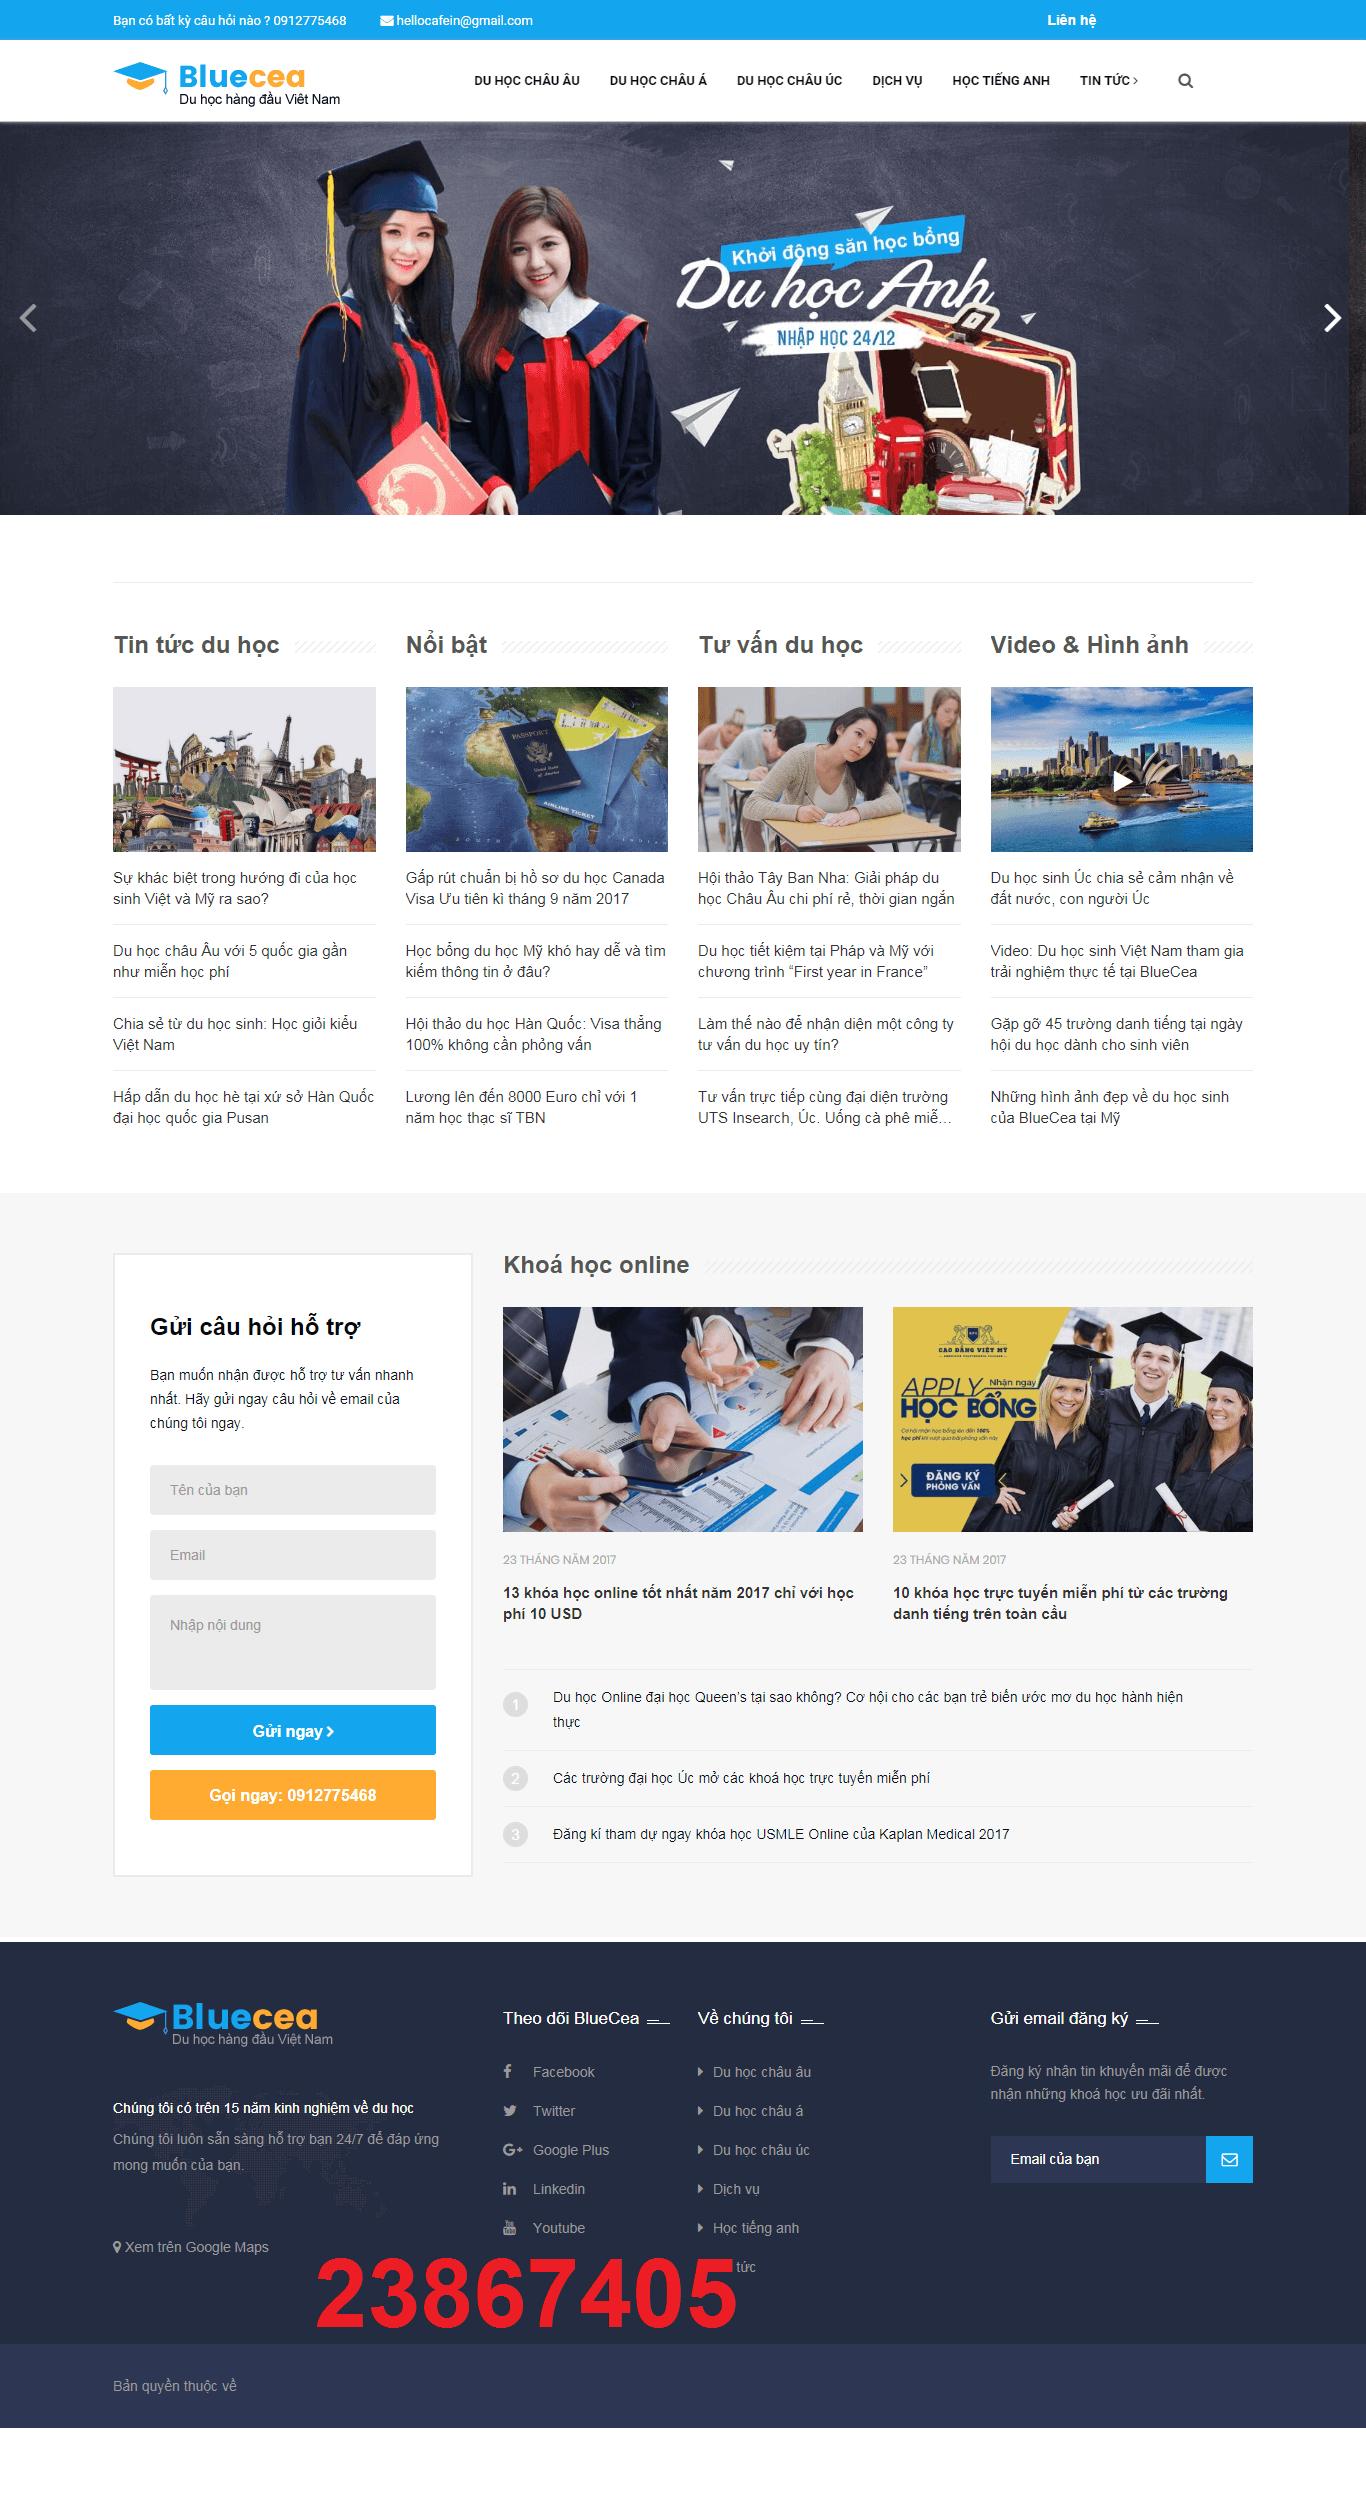 Mẫu web du học BlueCea 23867405